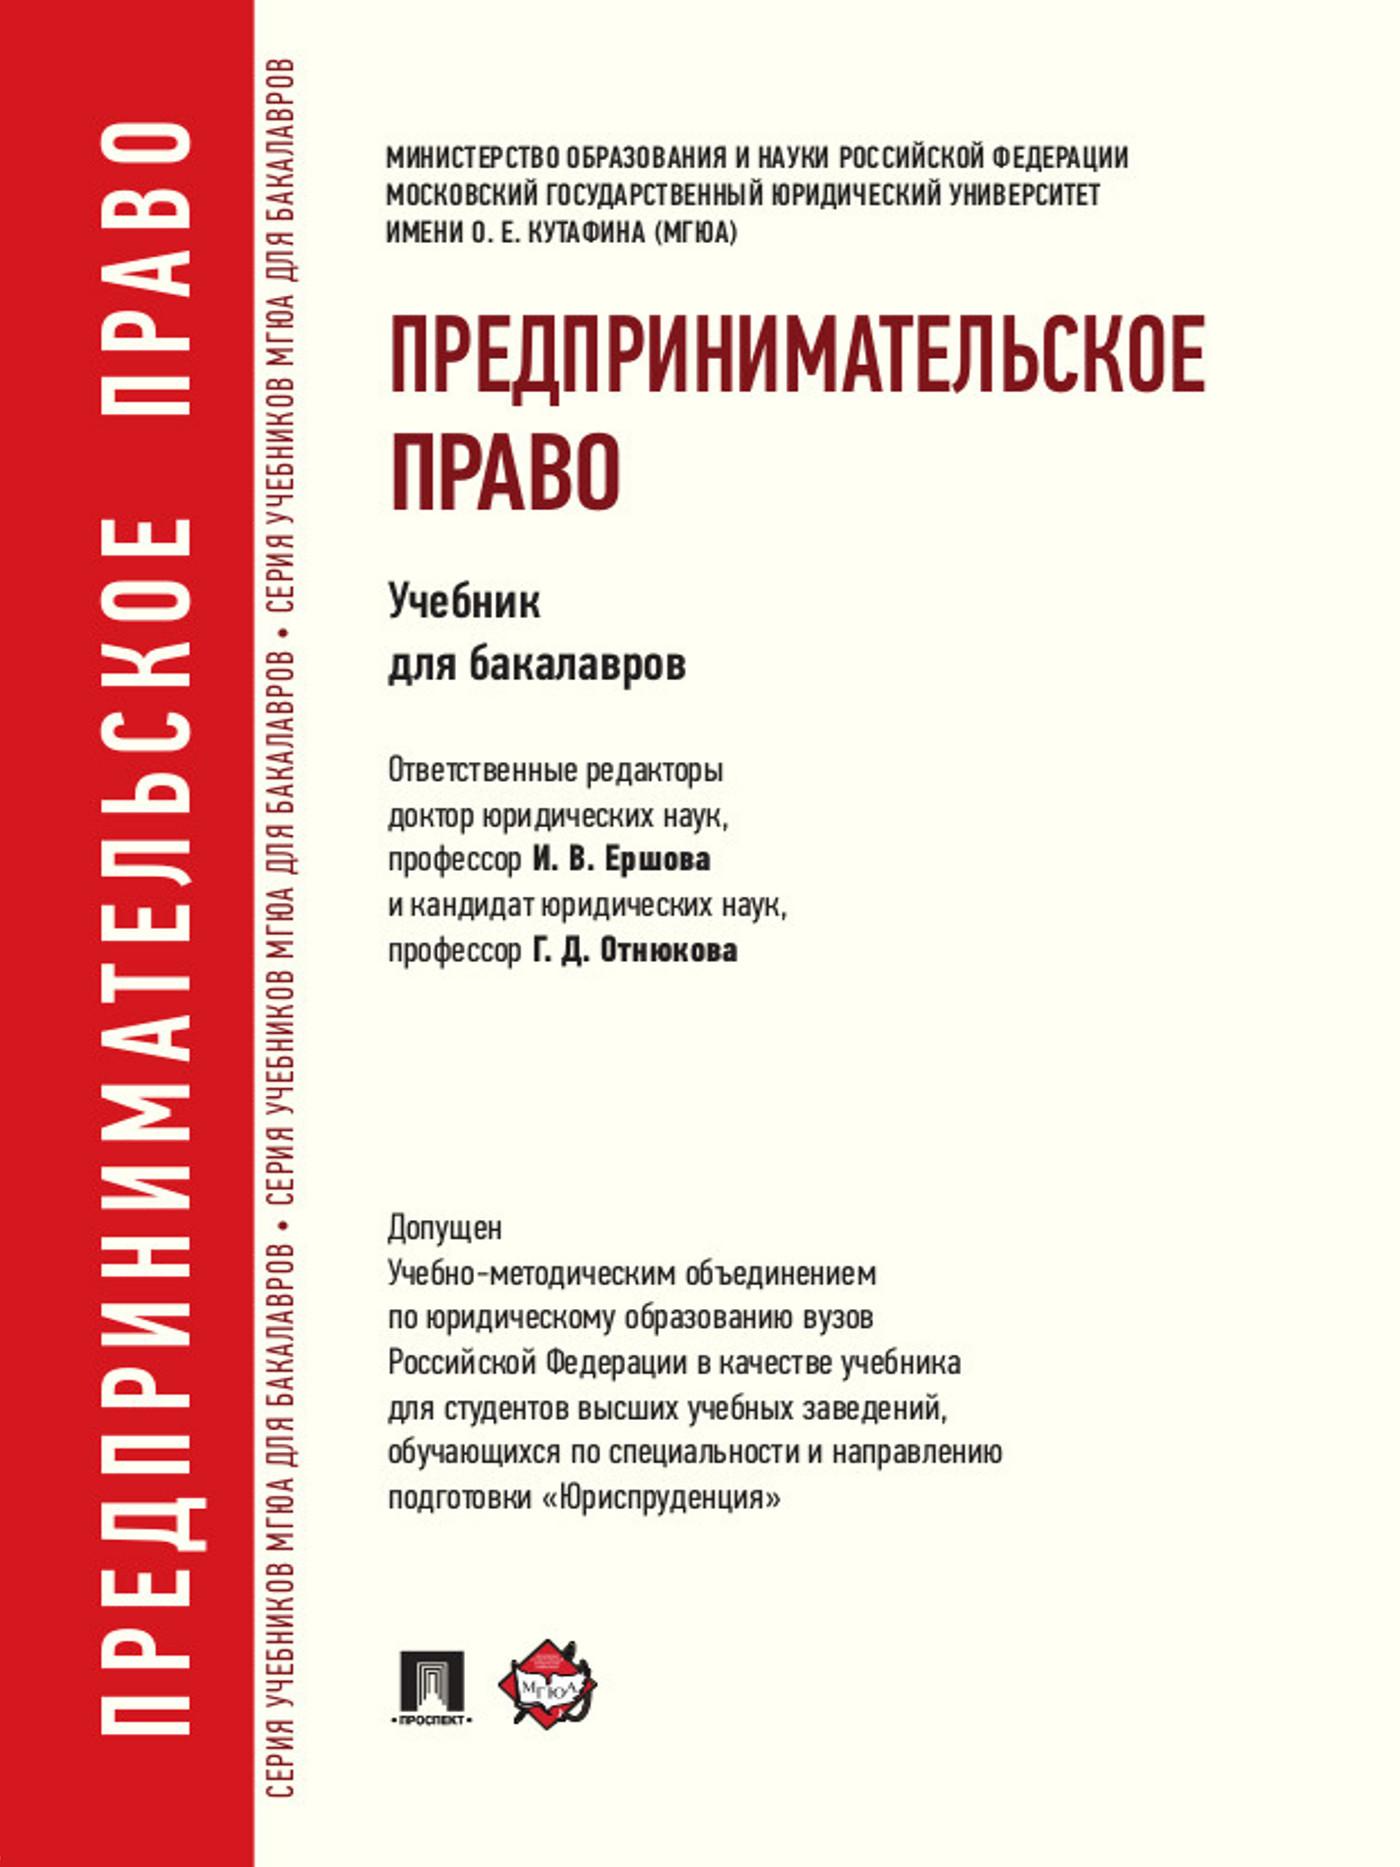 Коллектив авторов Предпринимательское право. Учебник для бакалавров цены онлайн